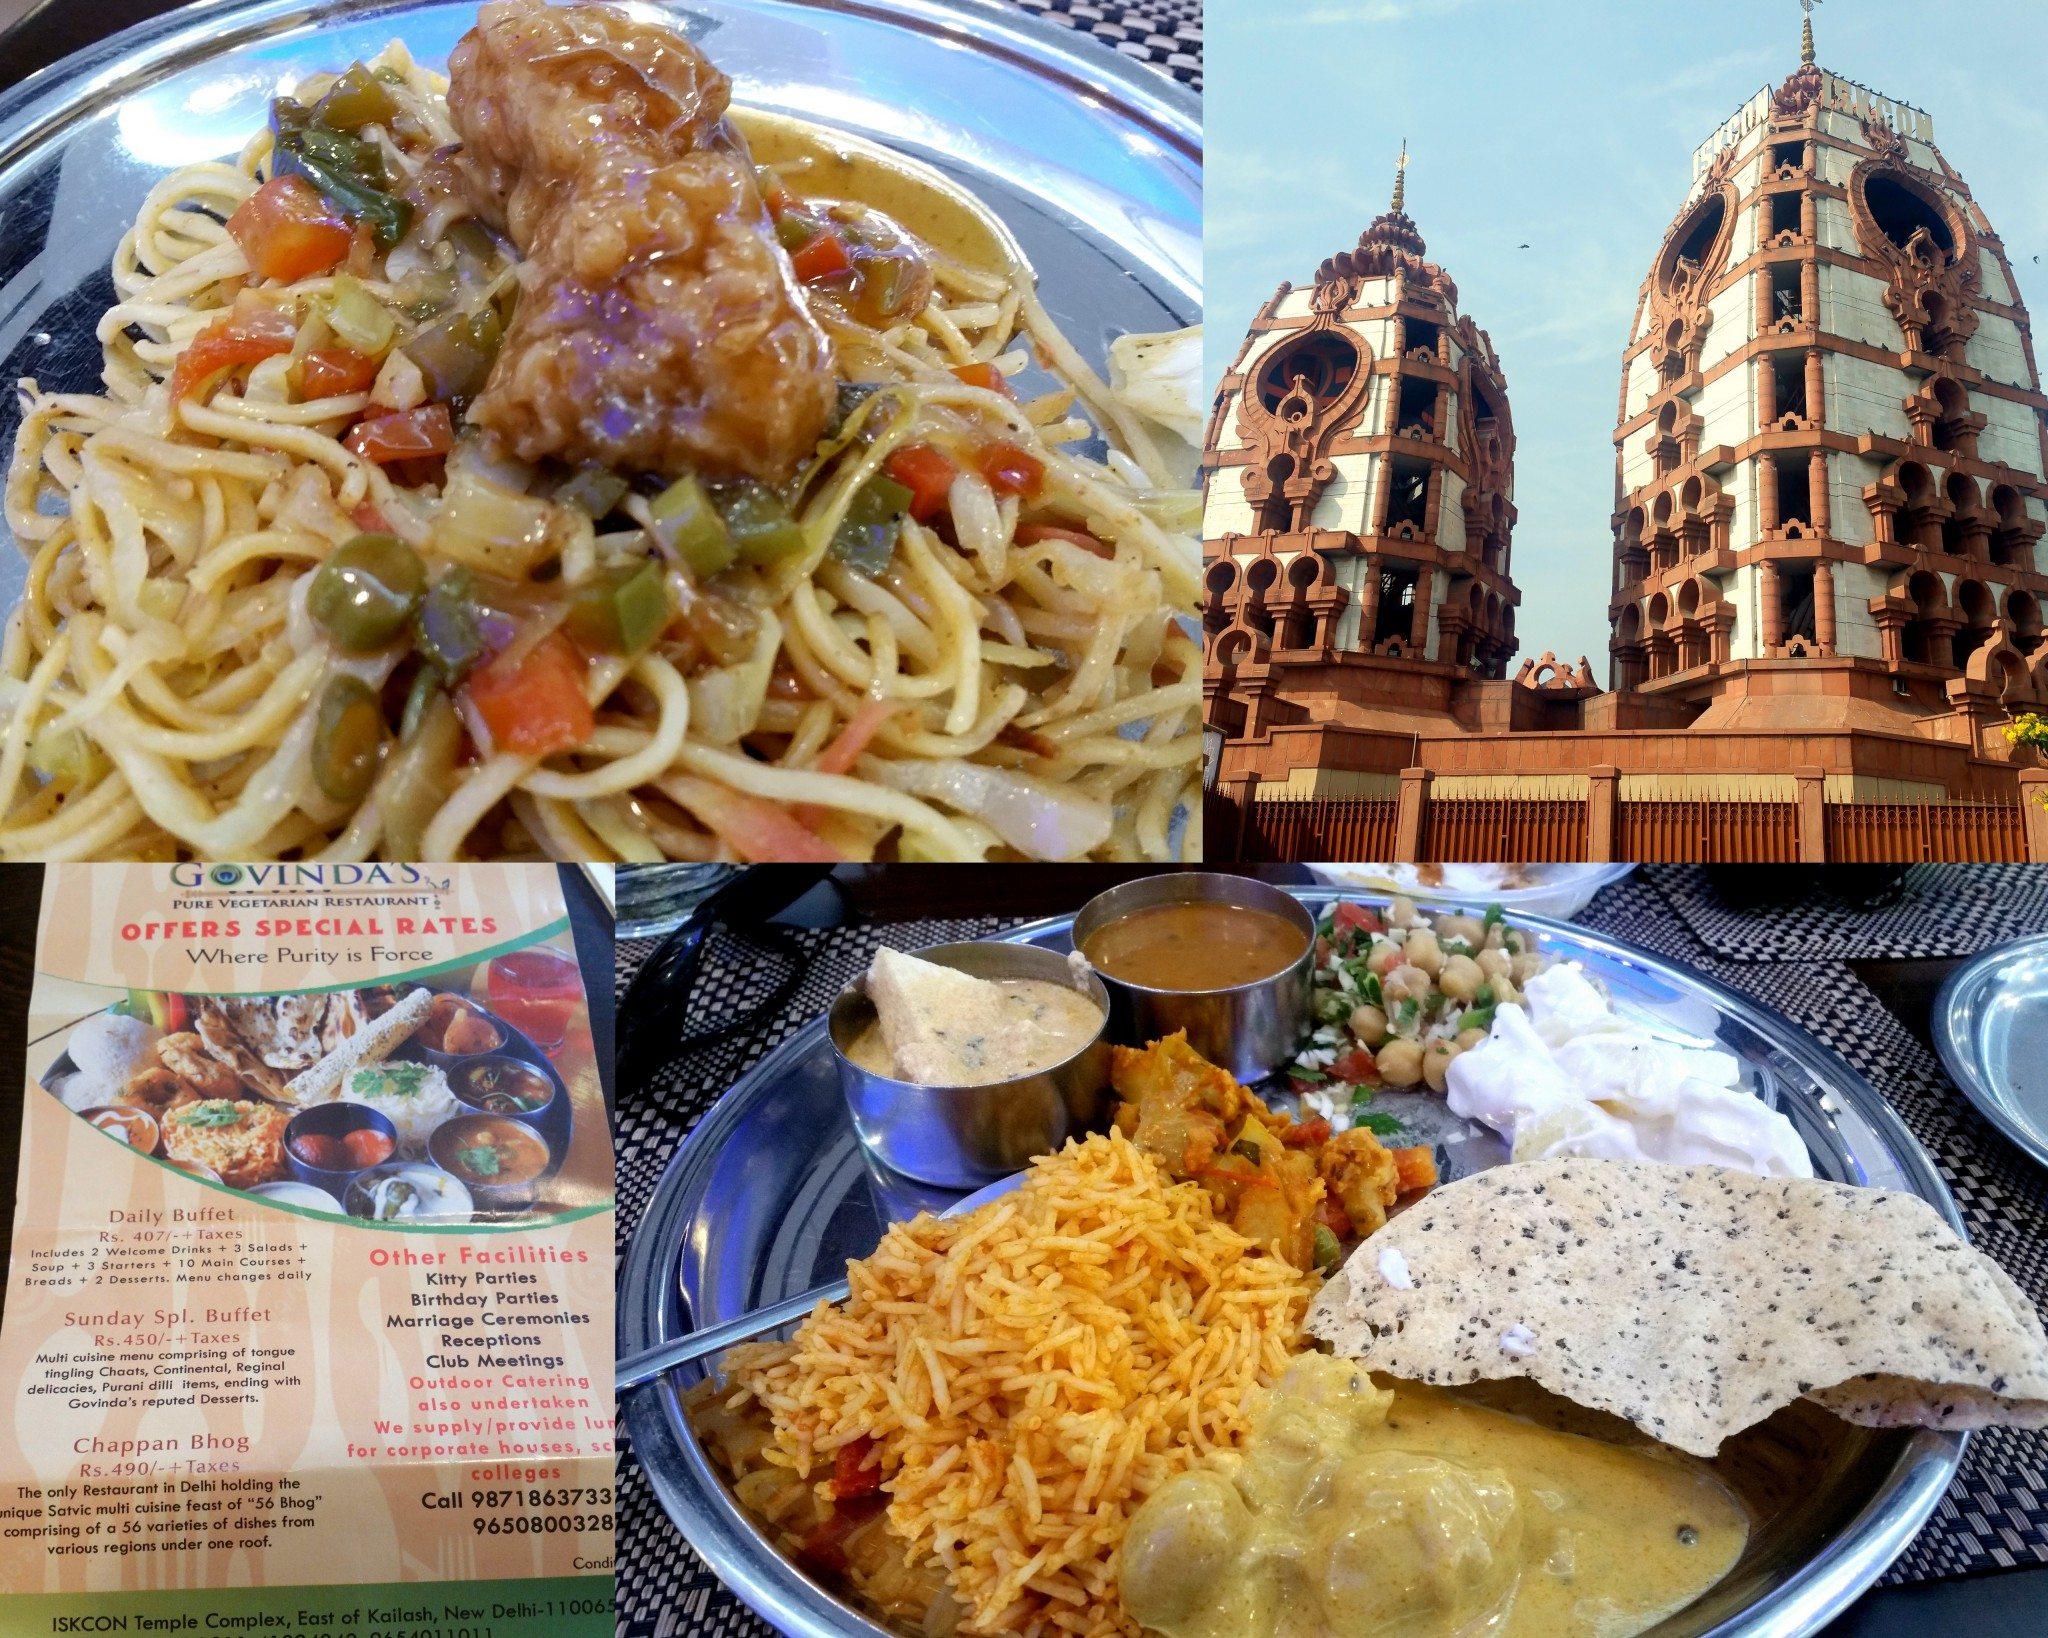 Govinda's Iskcon Mandir